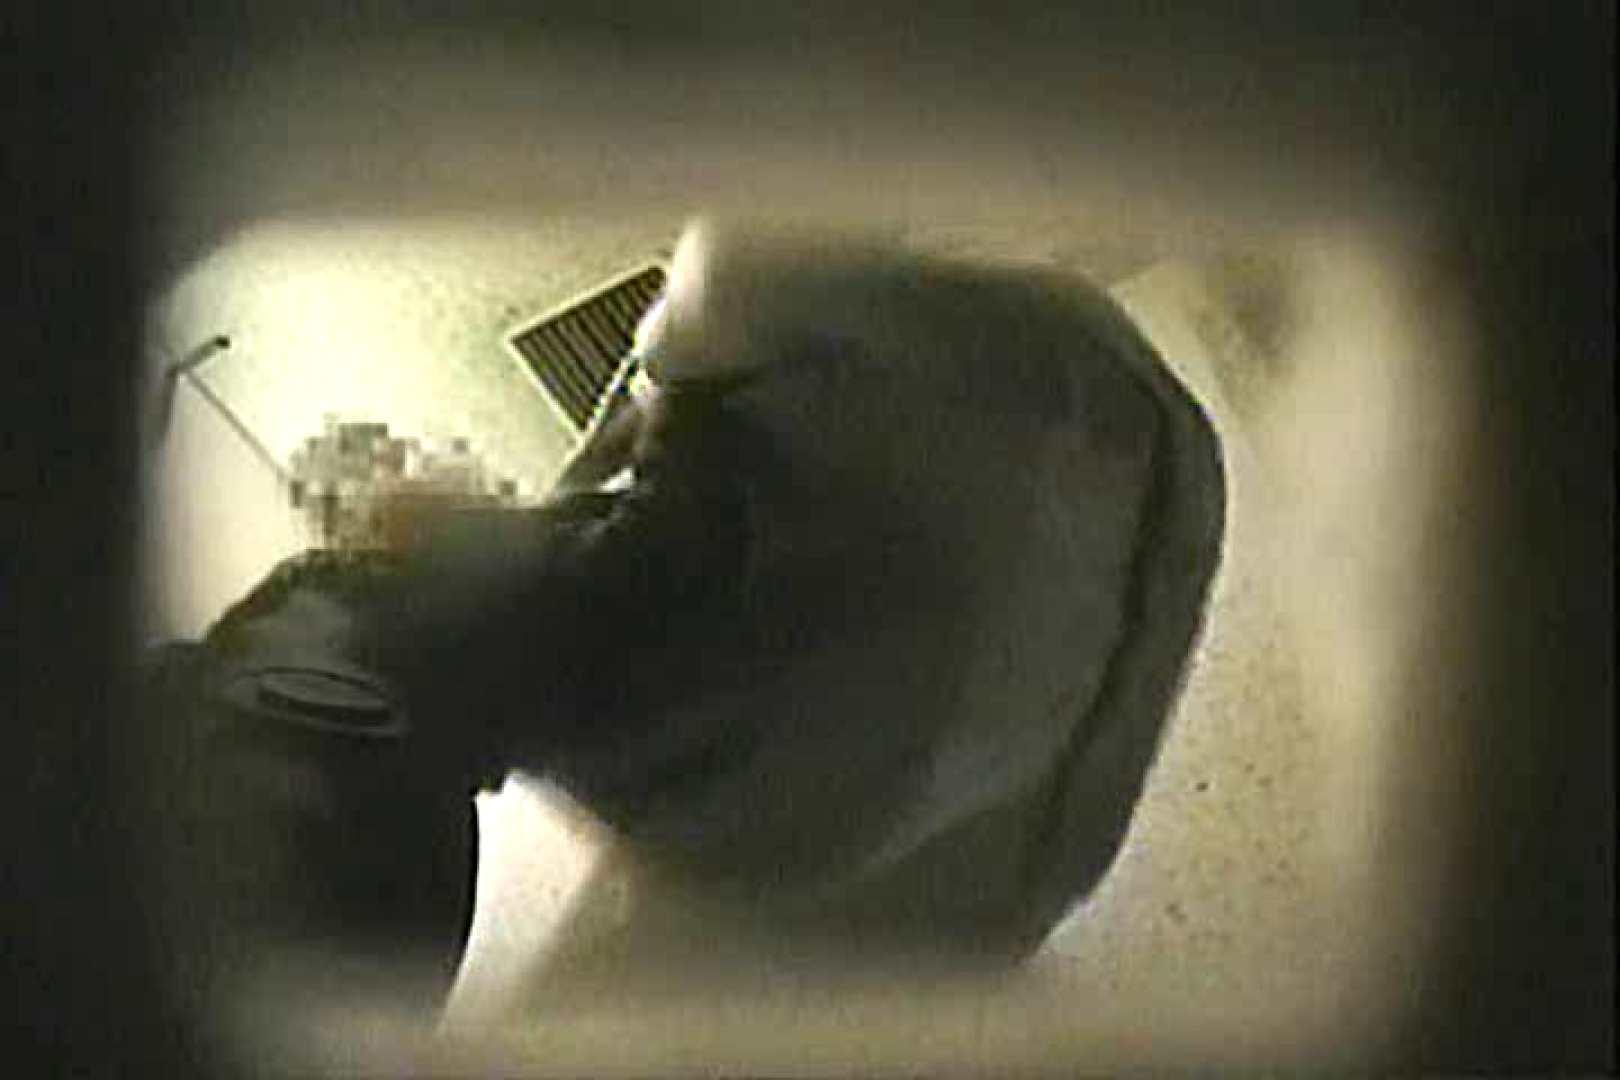 女子洗面所盗撮 今度の2カメは若い子だらけ  TK-127 おまんこ  76枚 21